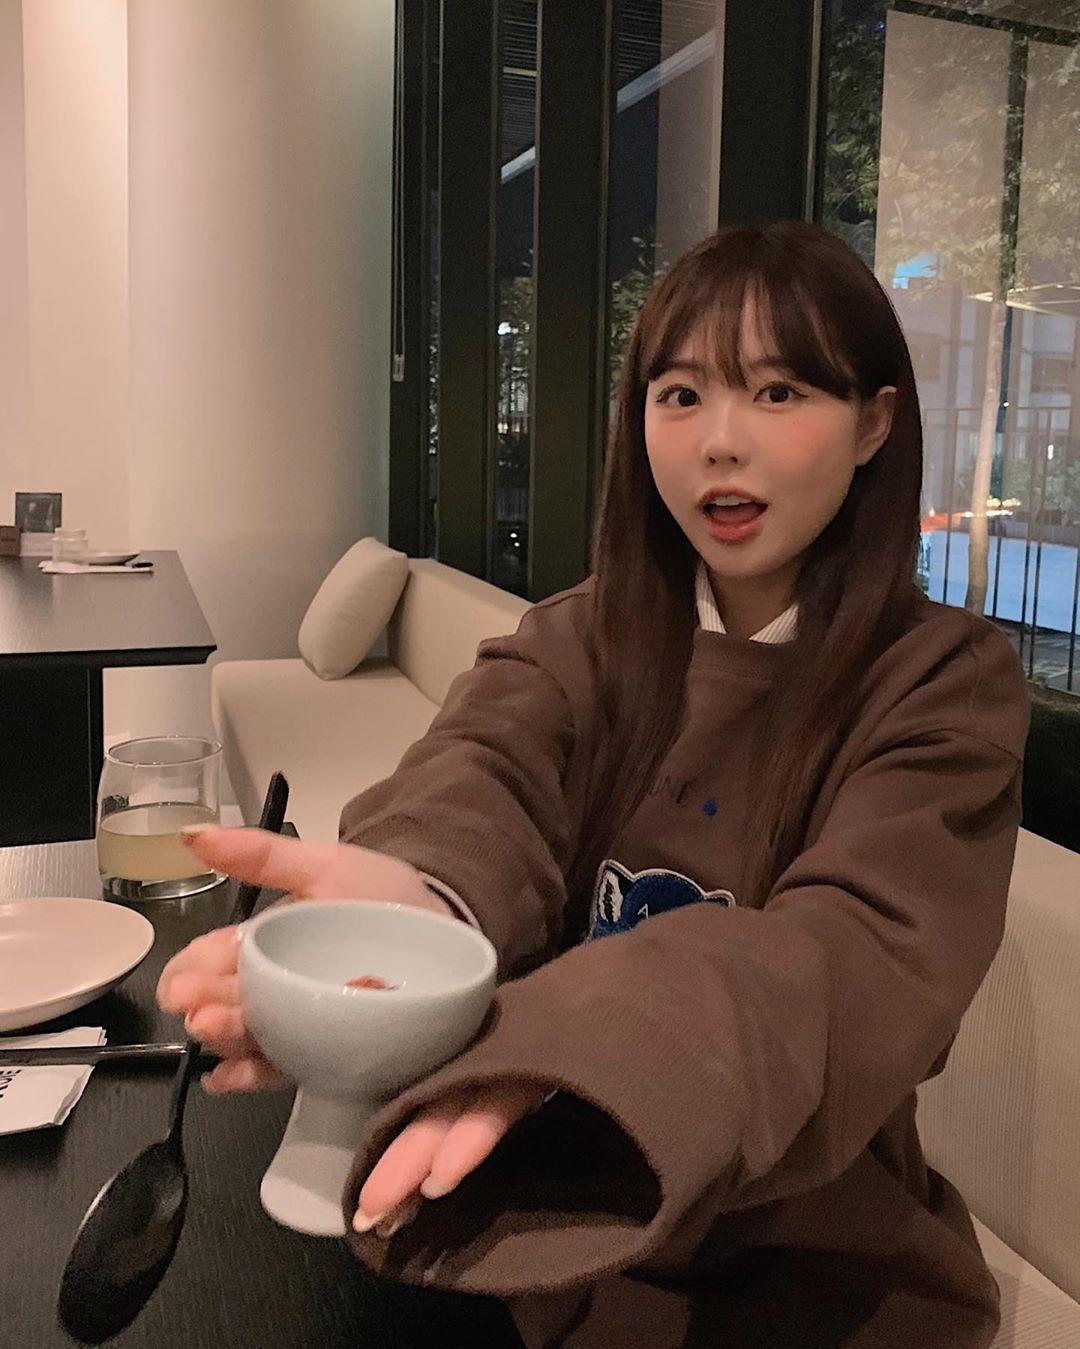 少女般童颜的韩国妹子洪荣基居然已是人妻 吃瓜基地 第4张